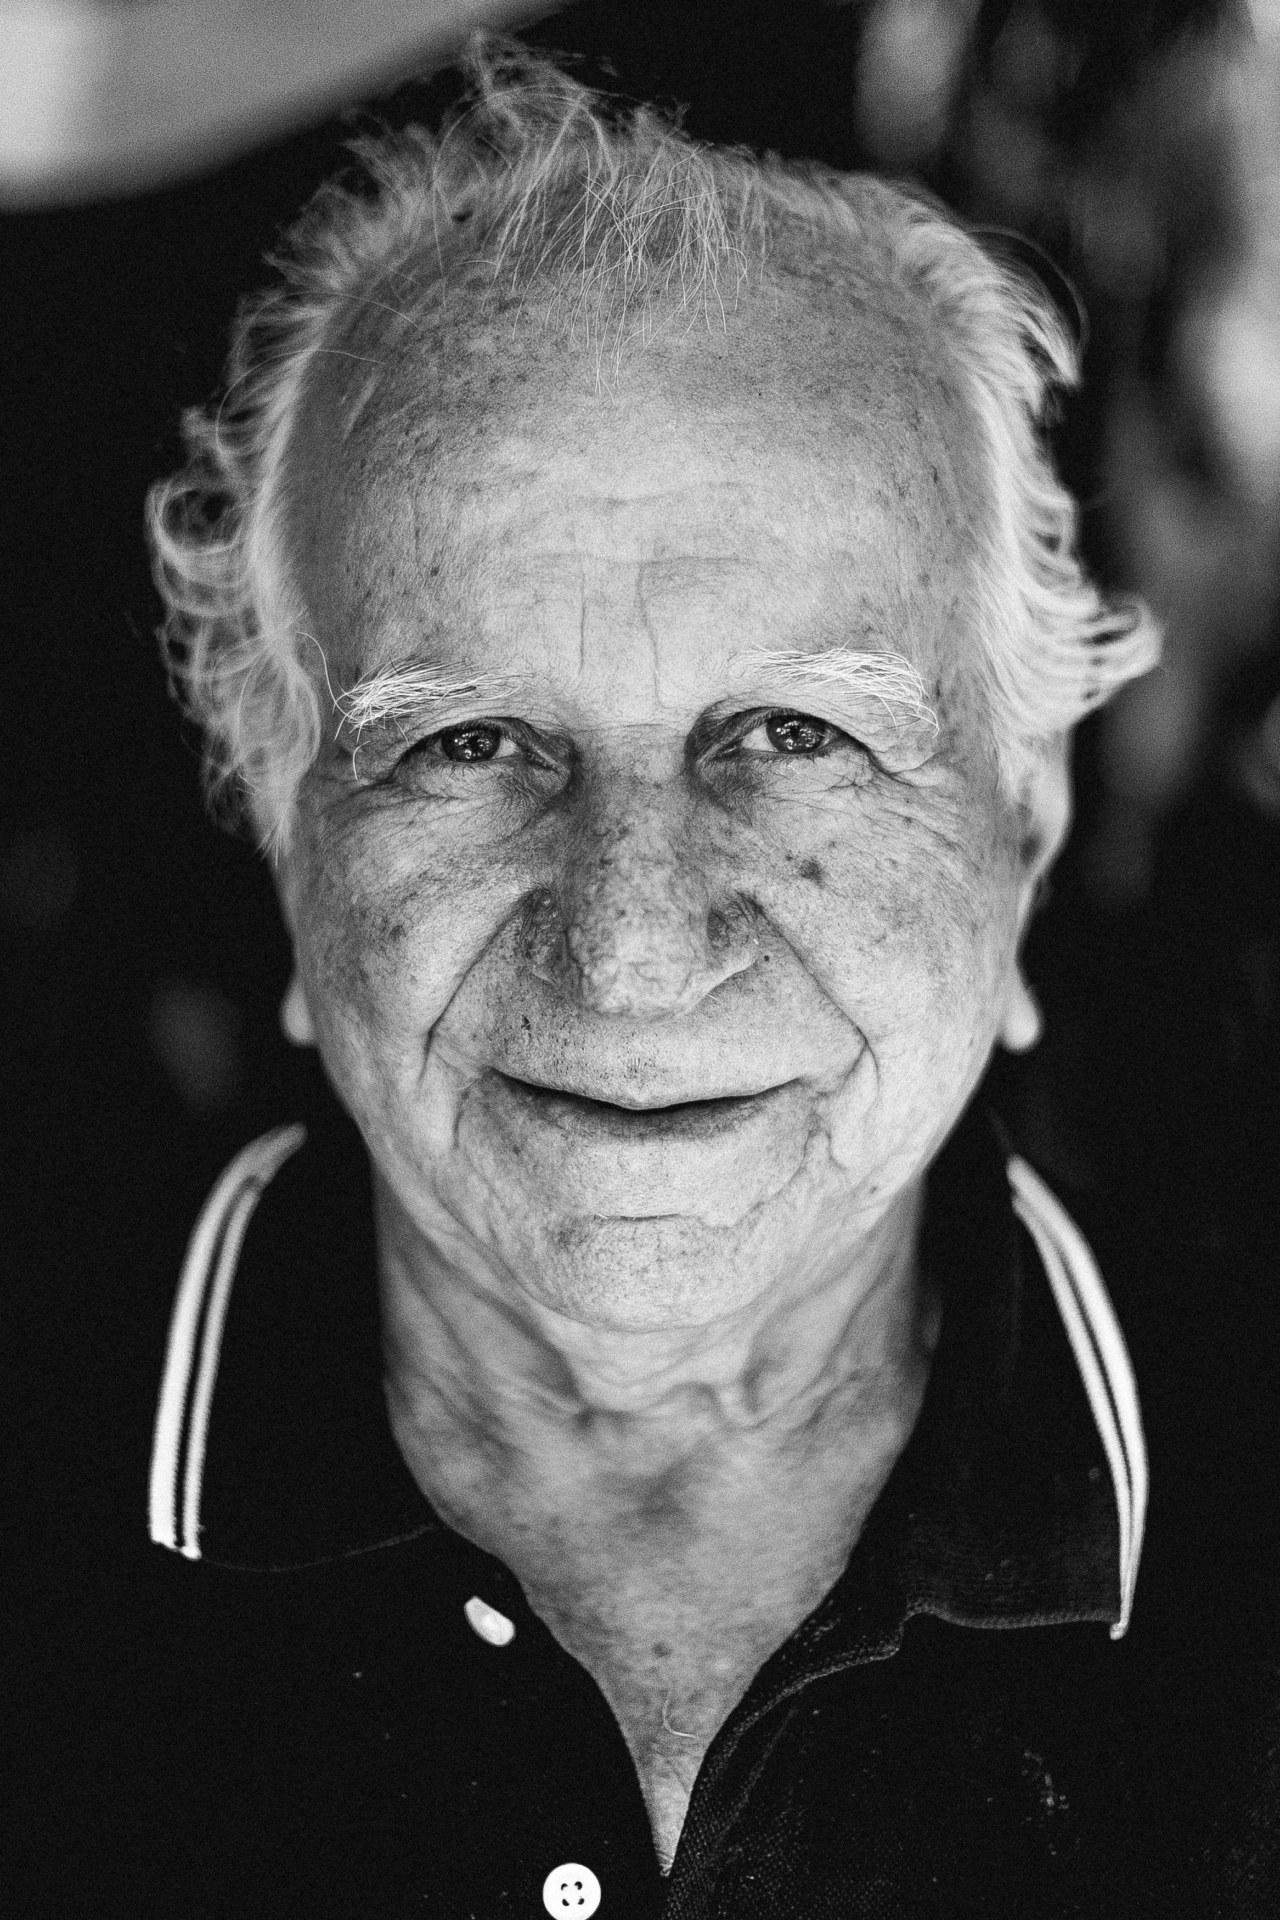 Czarno-biały portret starszego mężczyzny.